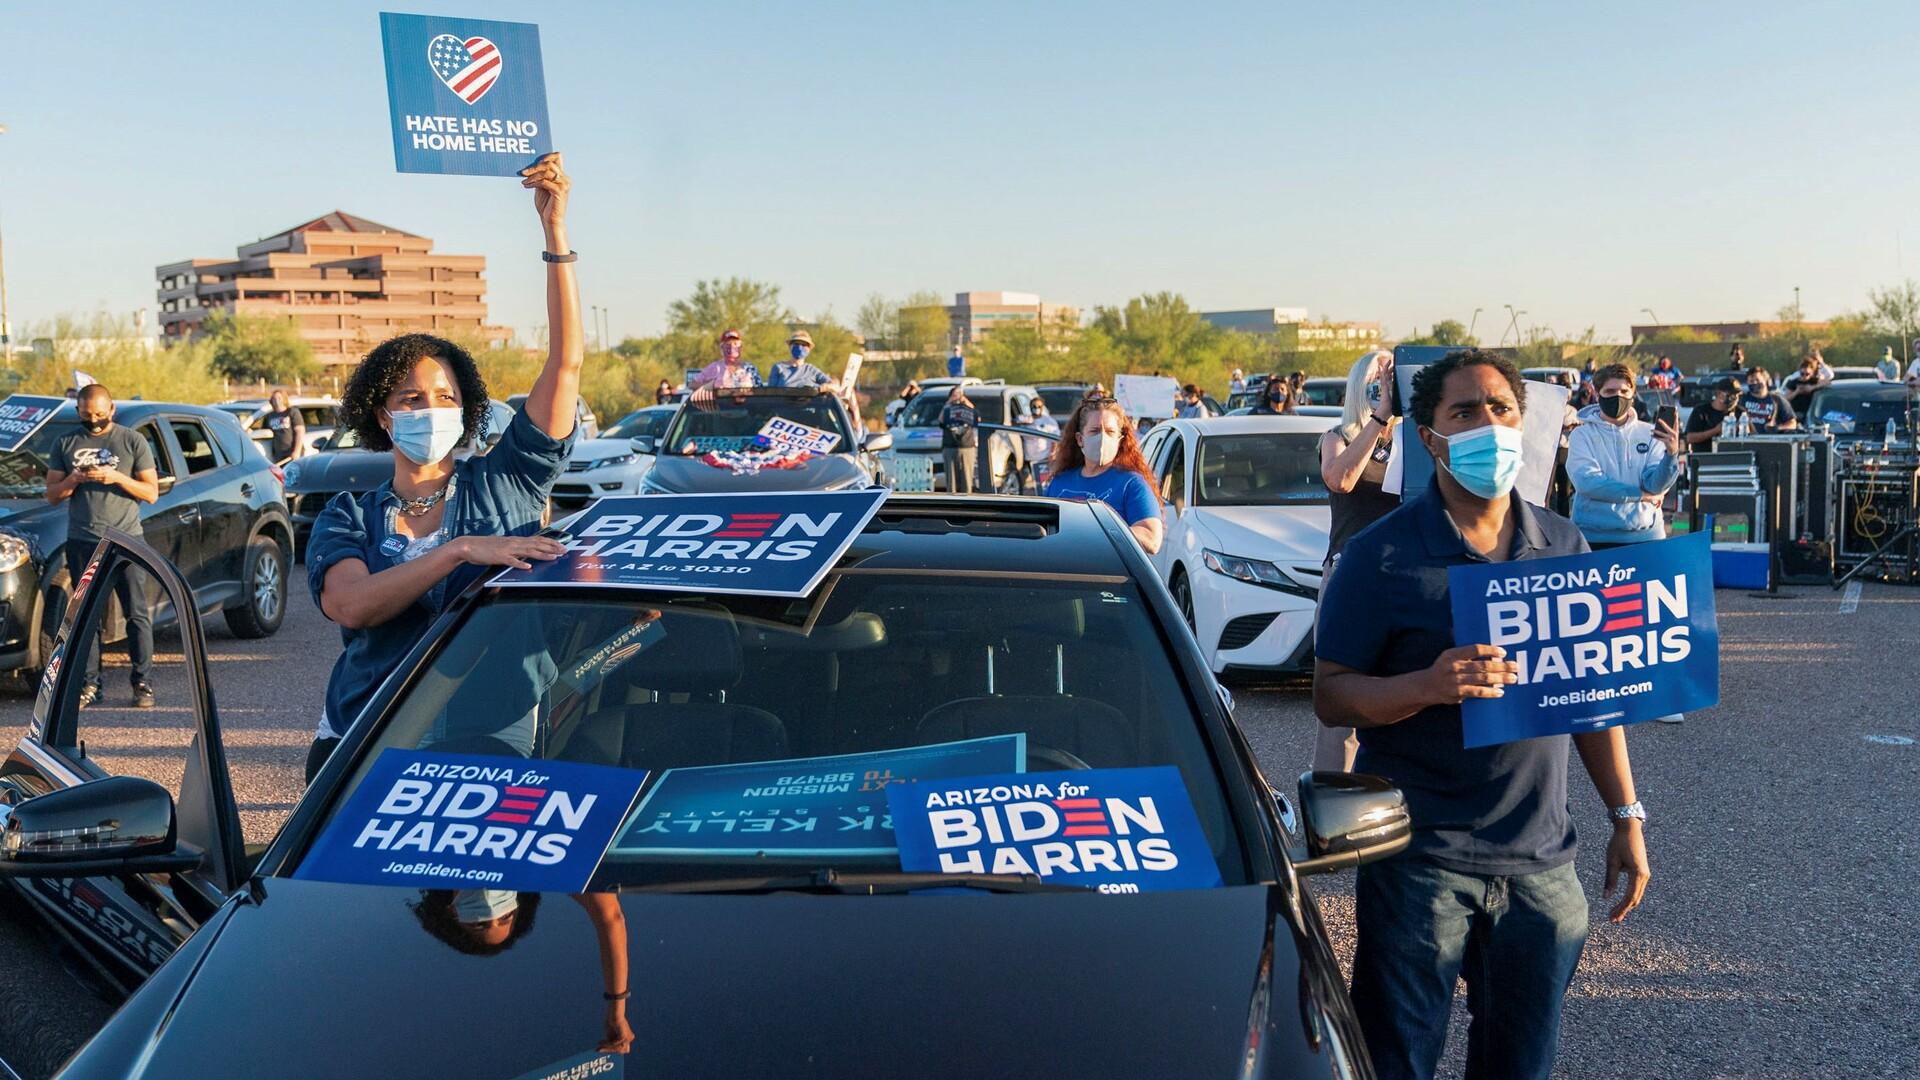 Valgforsker Martin Vinæs: Demokraterne sikrer sig gang på gang flertallet, selvom de kæmper op ad bakke